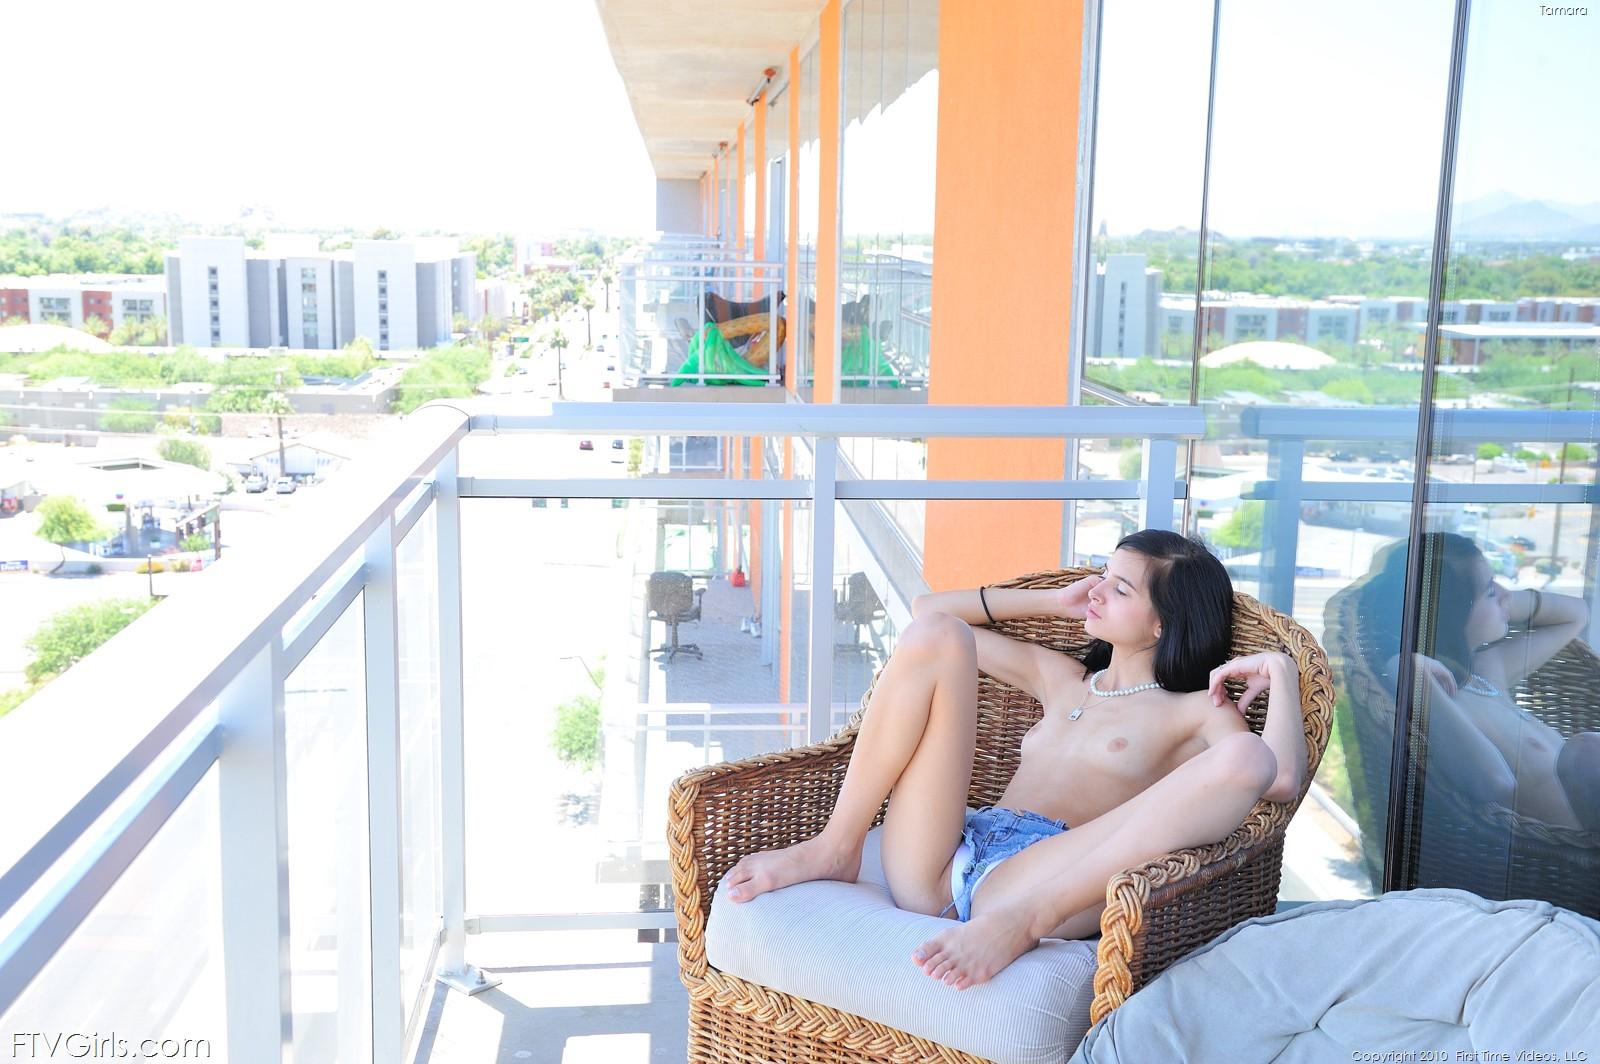 Красивый секс на балконе особняка, видео взаимный секс любовь